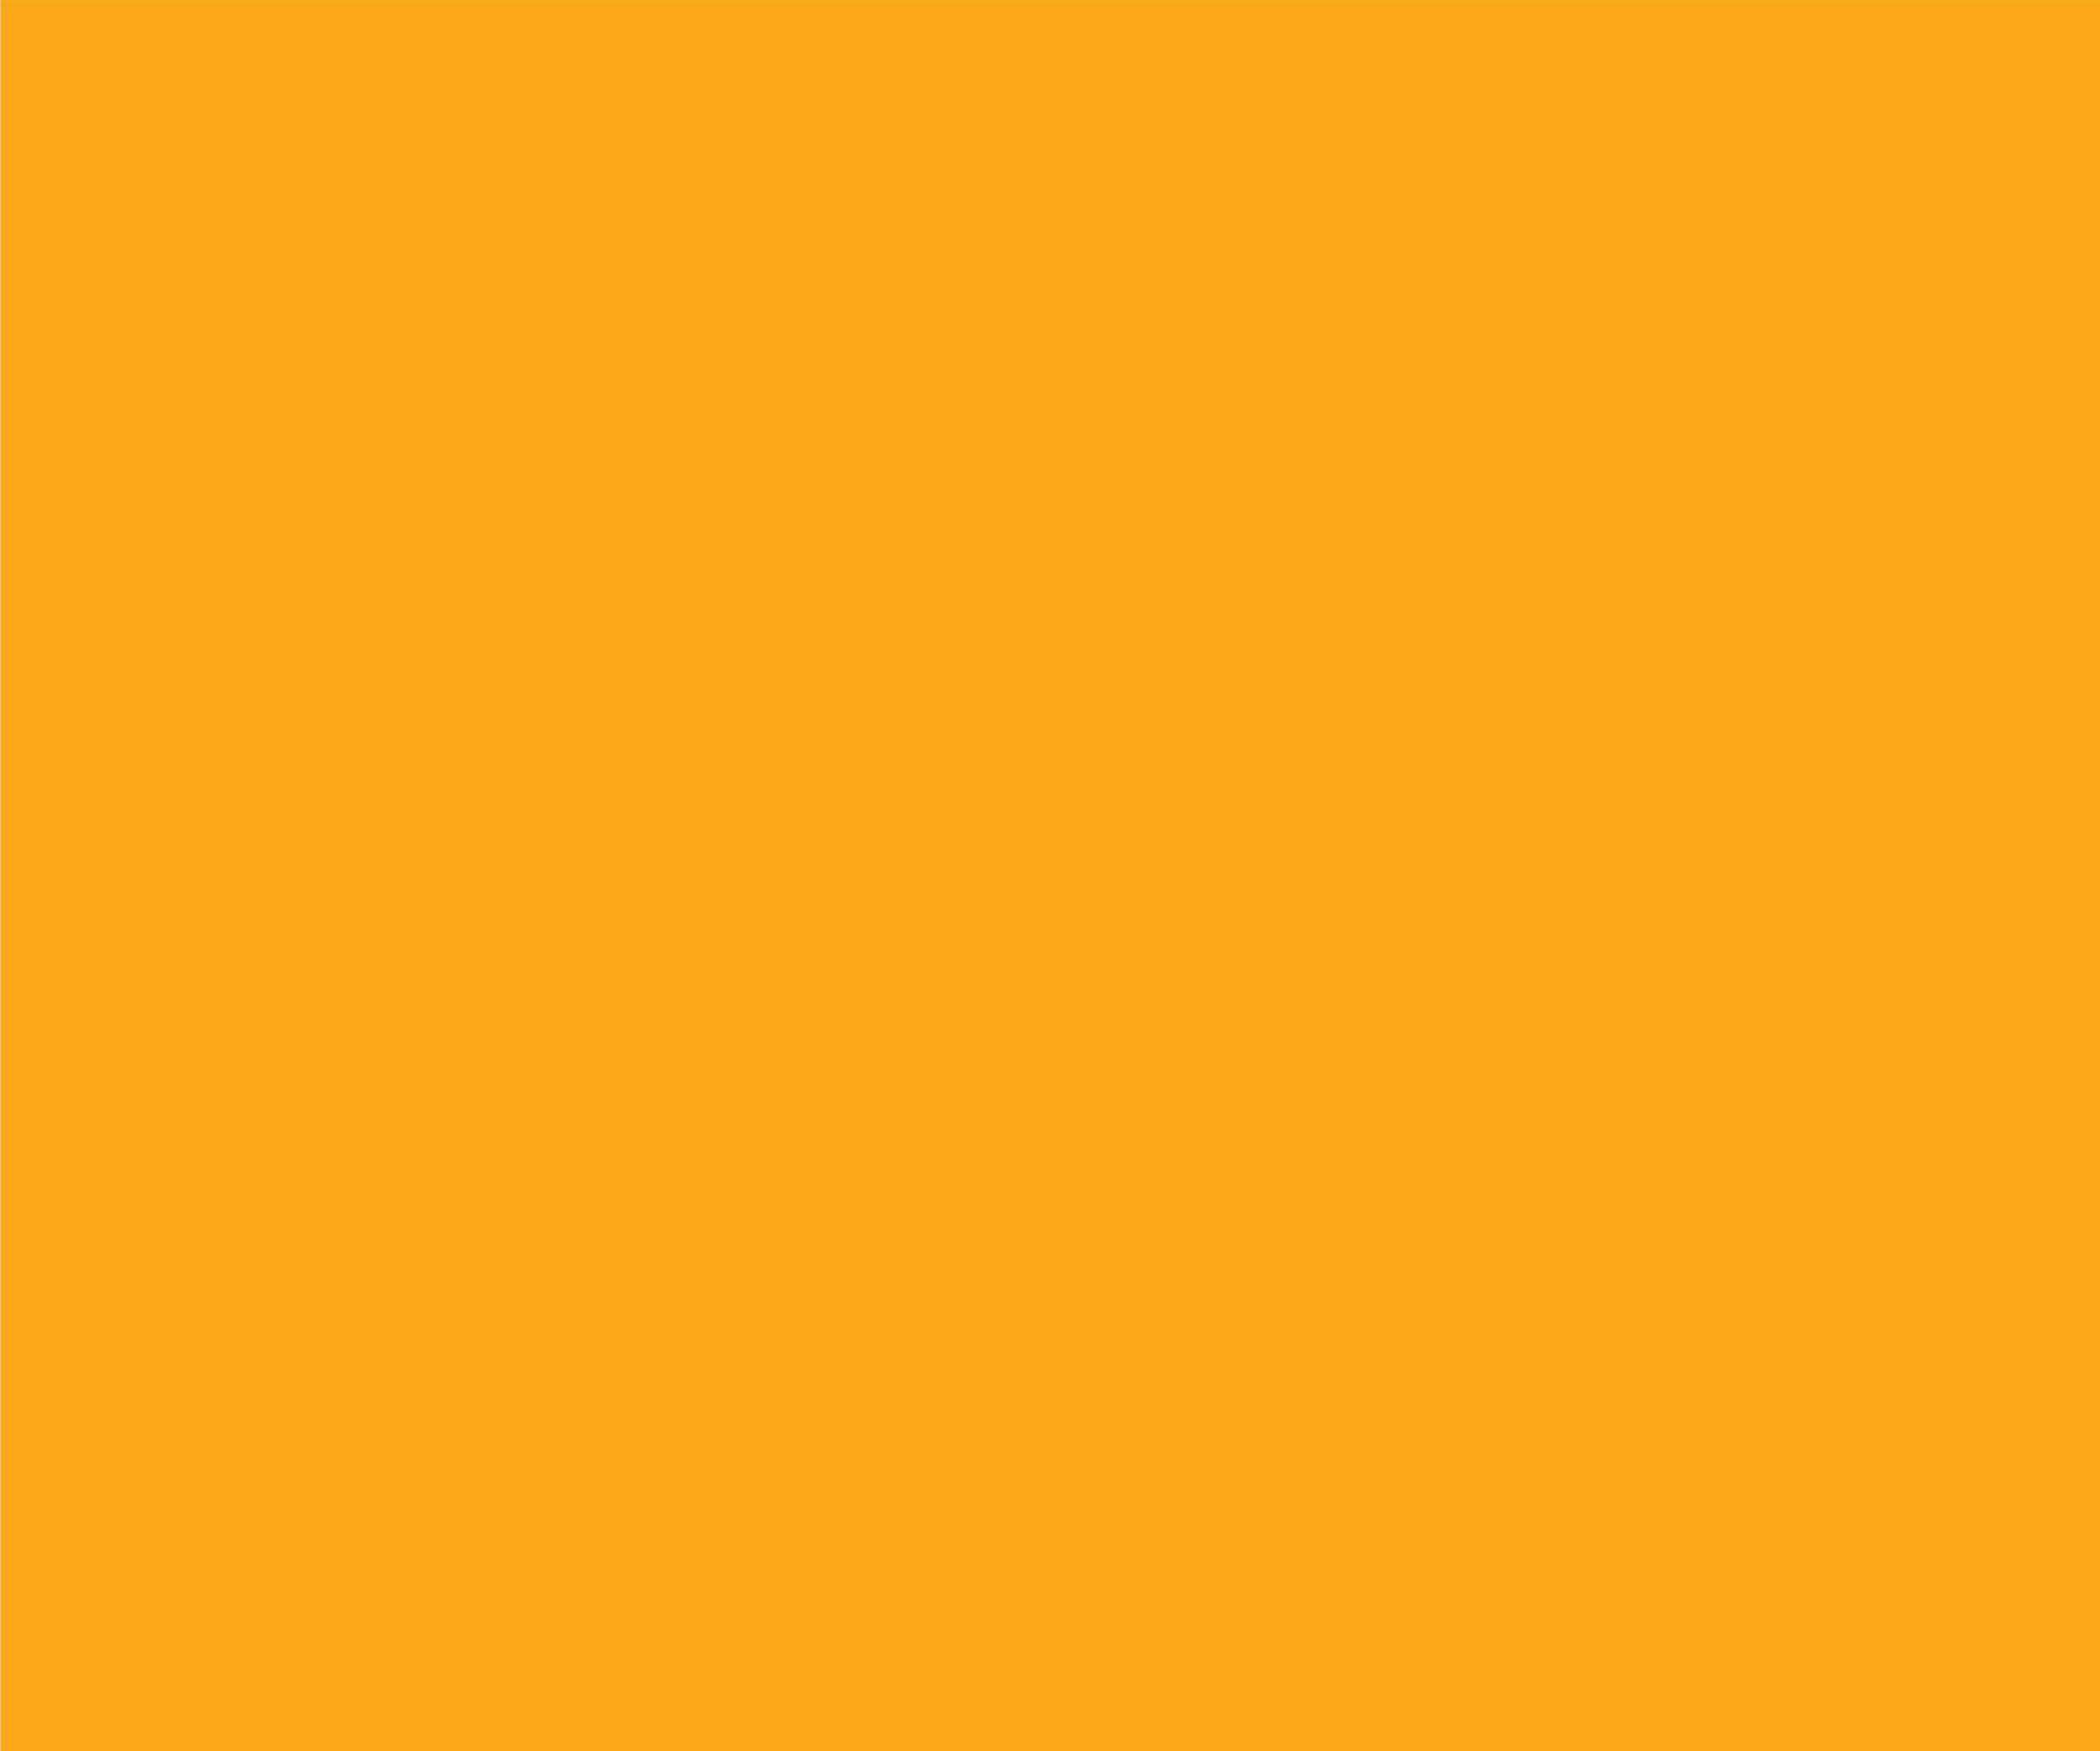 Orange Background-02.png